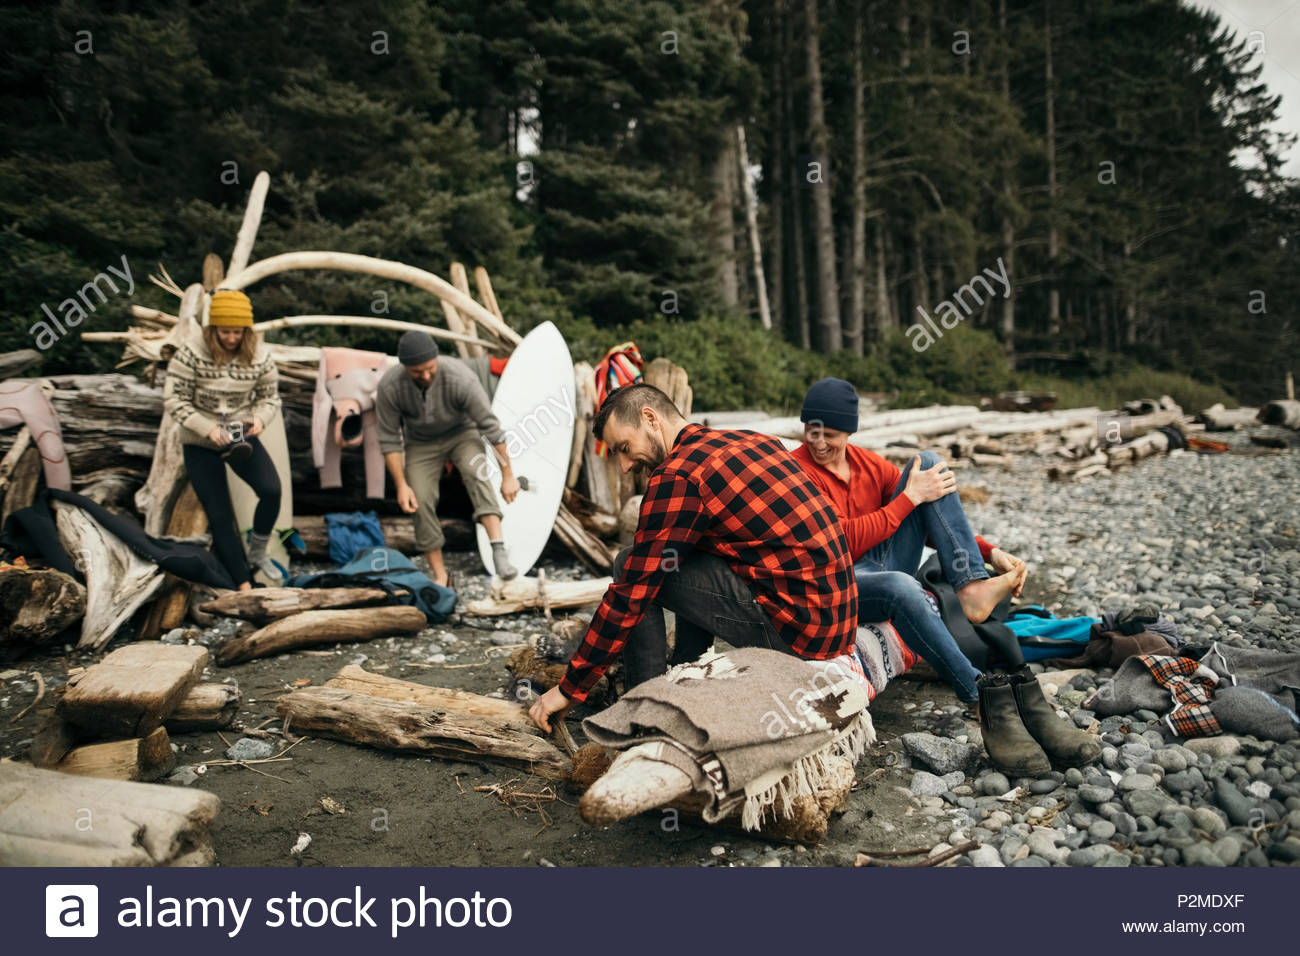 Gli amici sorseggiando weekend Surf via di fuga rilassante nel campeggio sulla spiaggia di robusti Immagini Stock